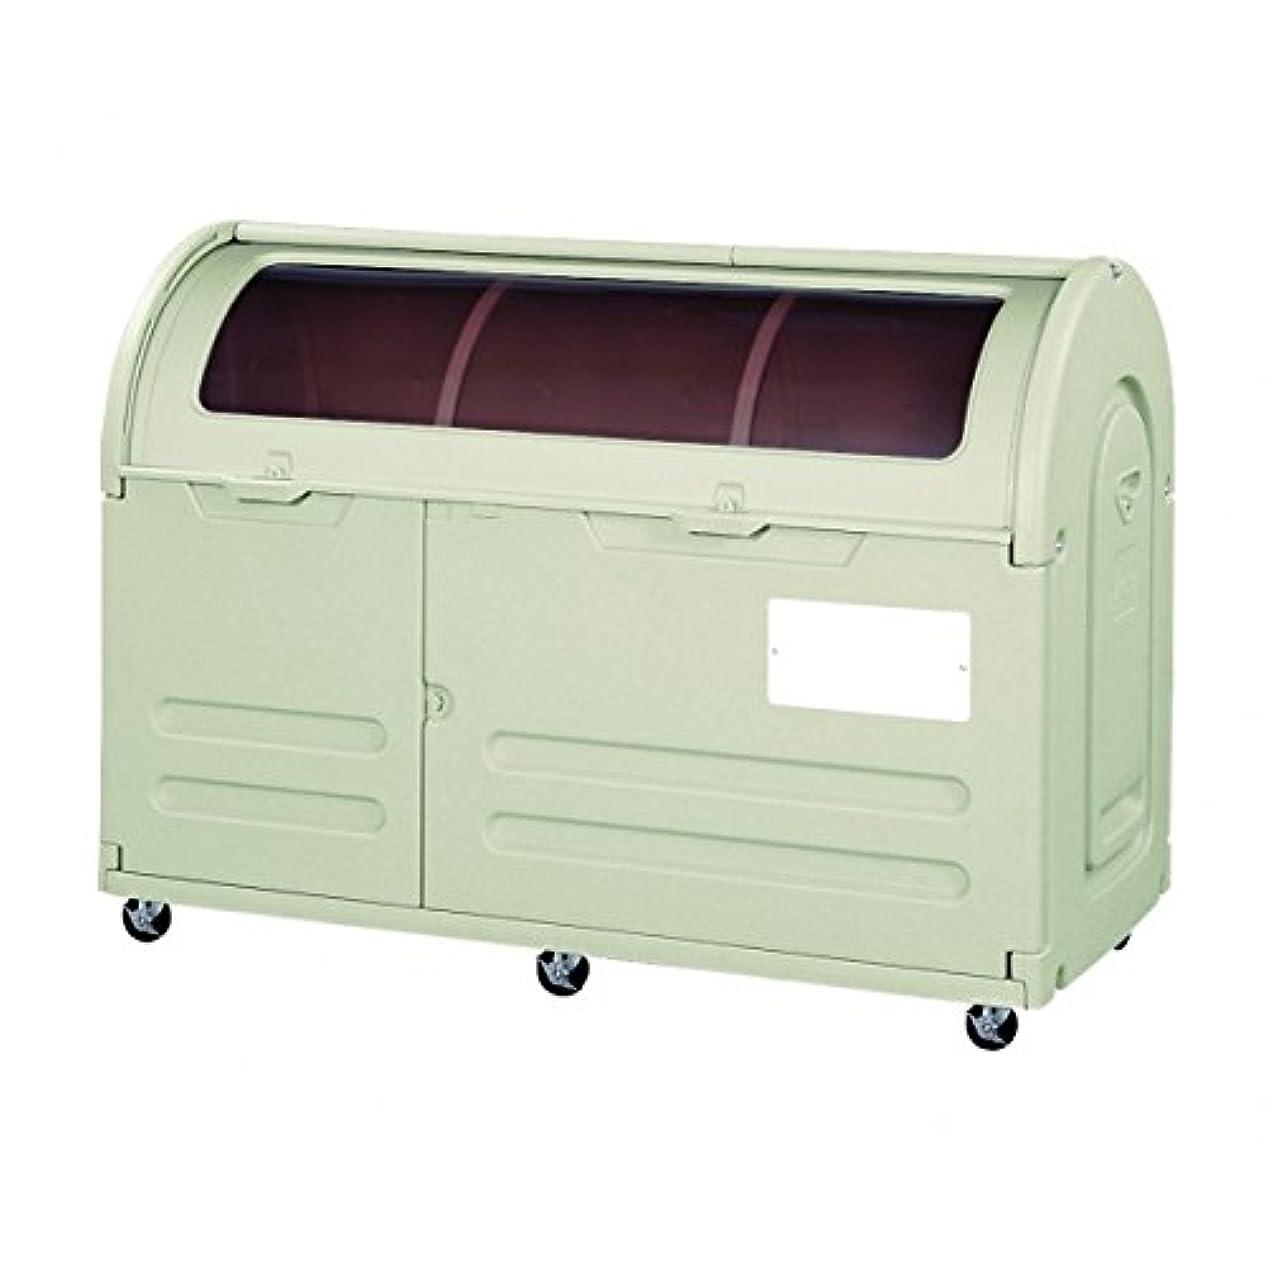 模倣世界に死んだ絶妙アロン化成 ステーションボックス透明 #800C(キャスター仕様) 『ゴミ袋(45L)集積目安 17袋、世帯数目安 8世帯』 『ゴミ収集庫』 ウォームグレー